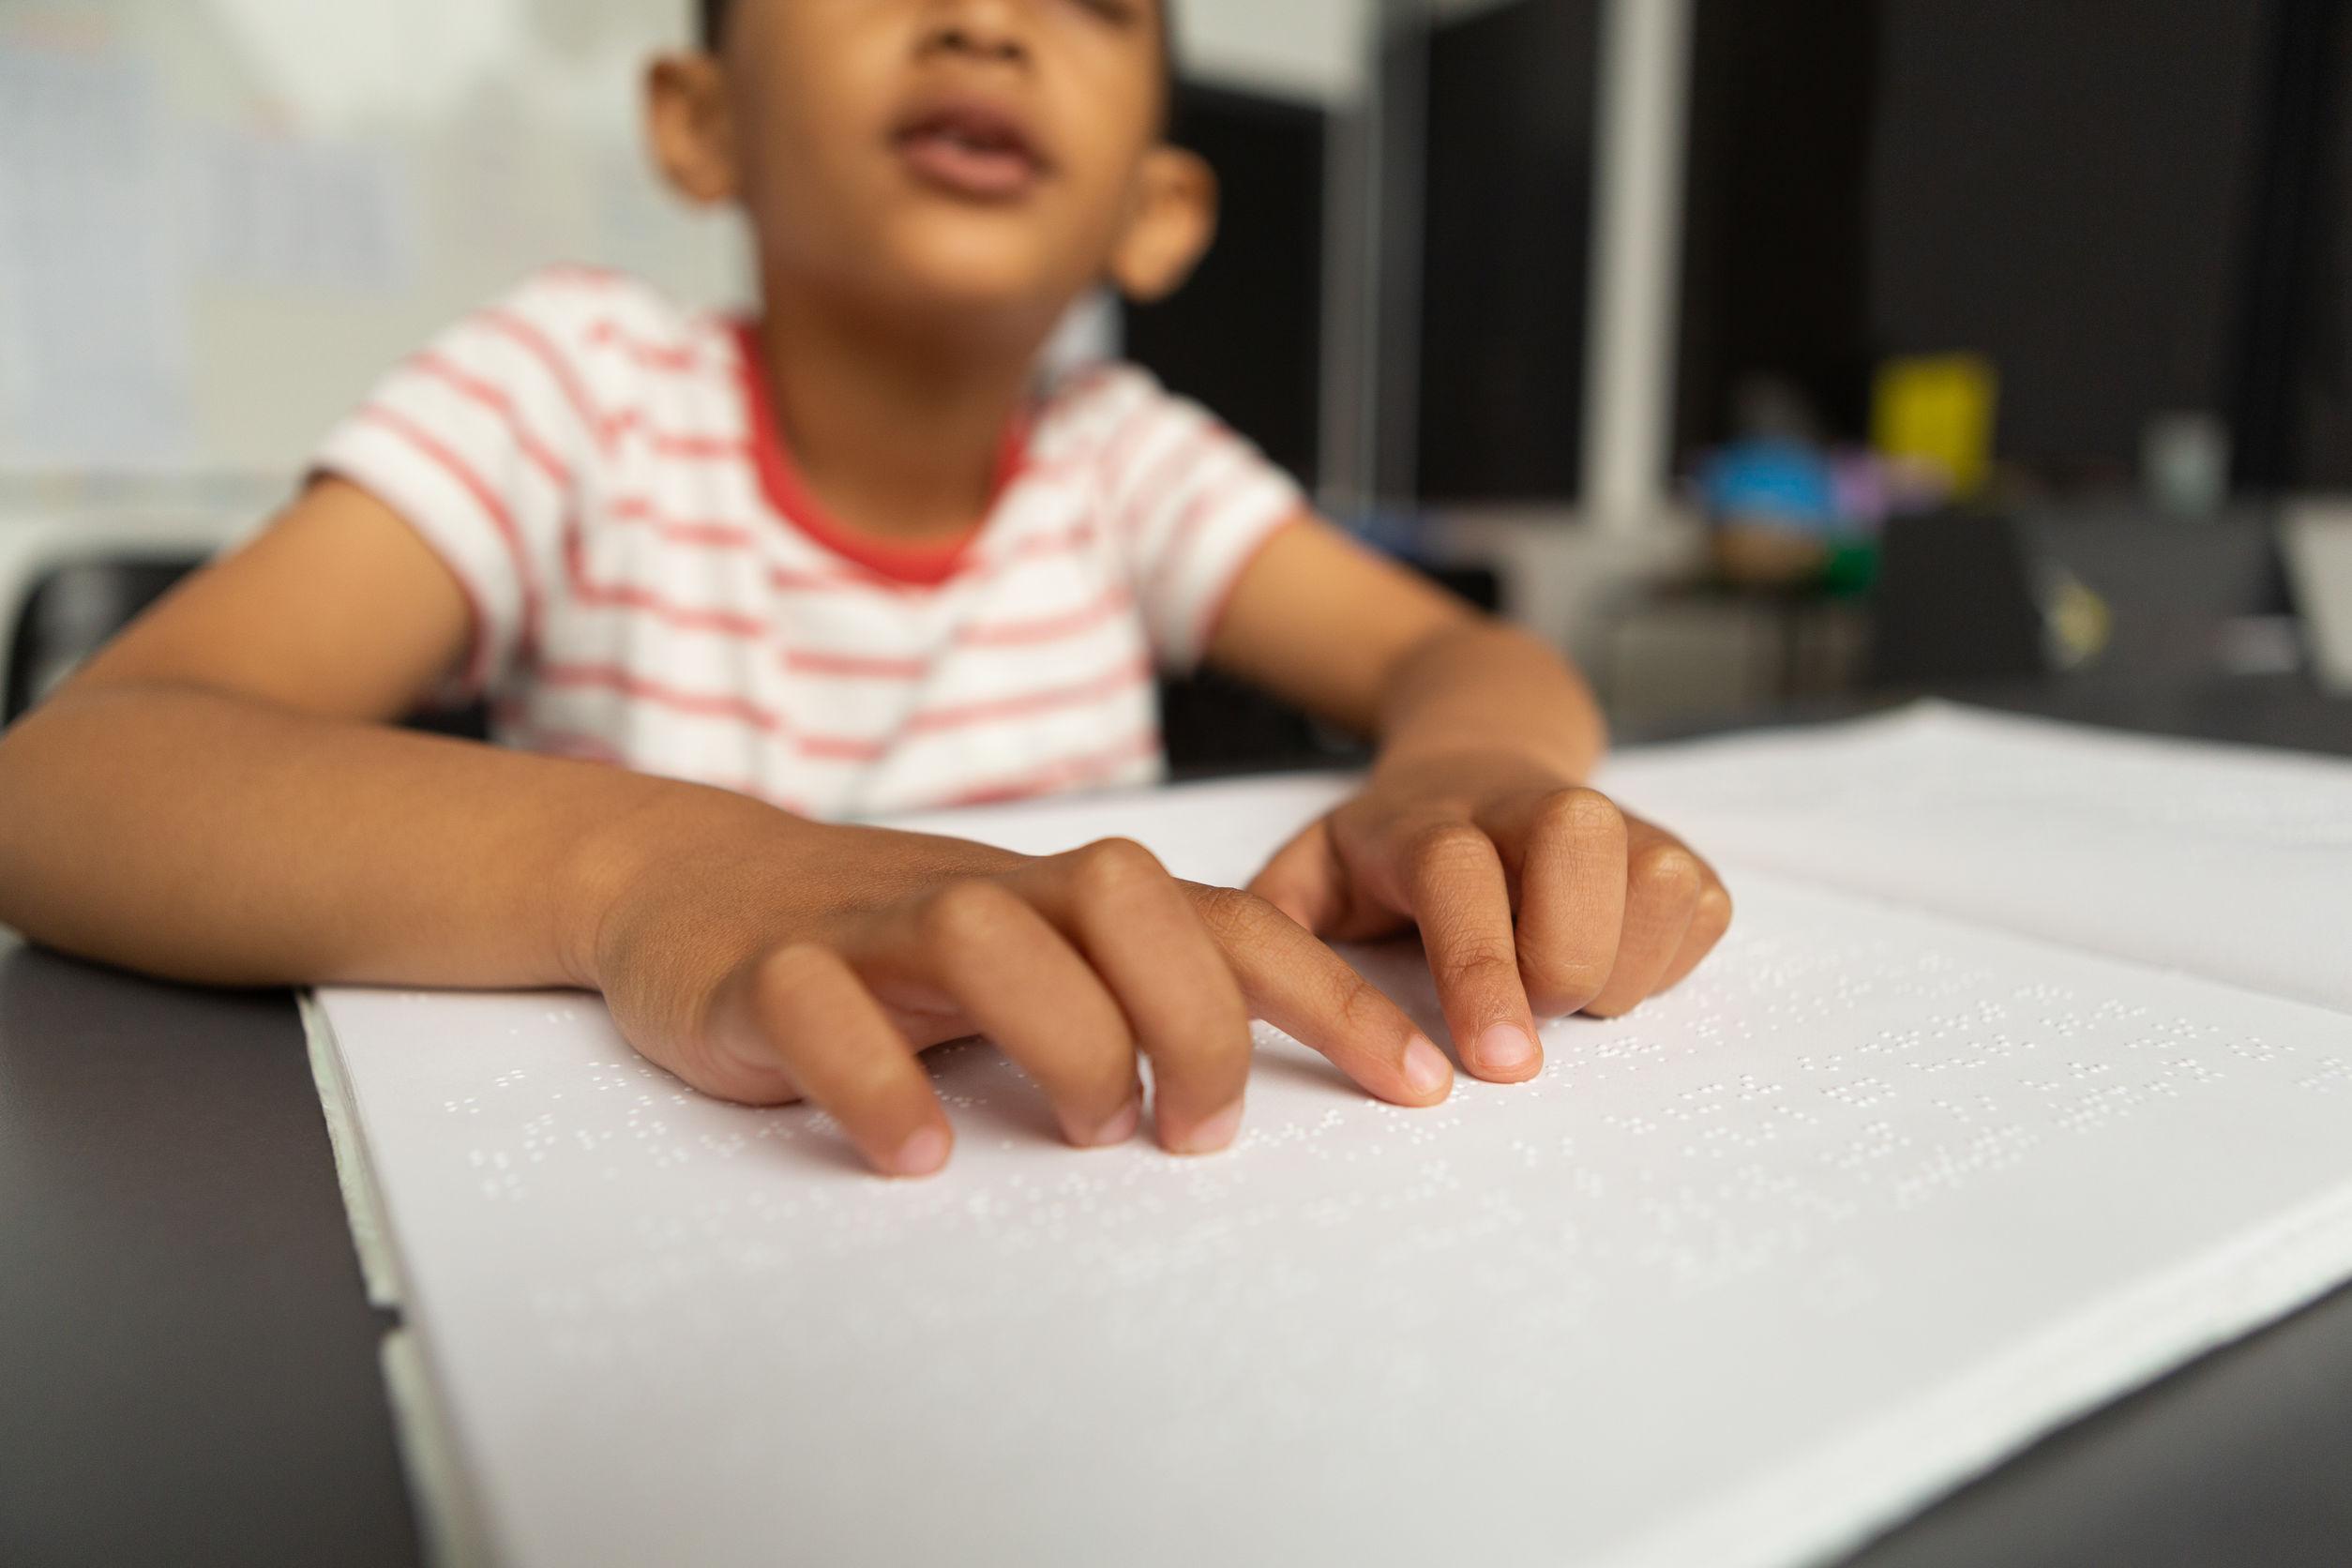 Un niño de unos 8 años lee en braille